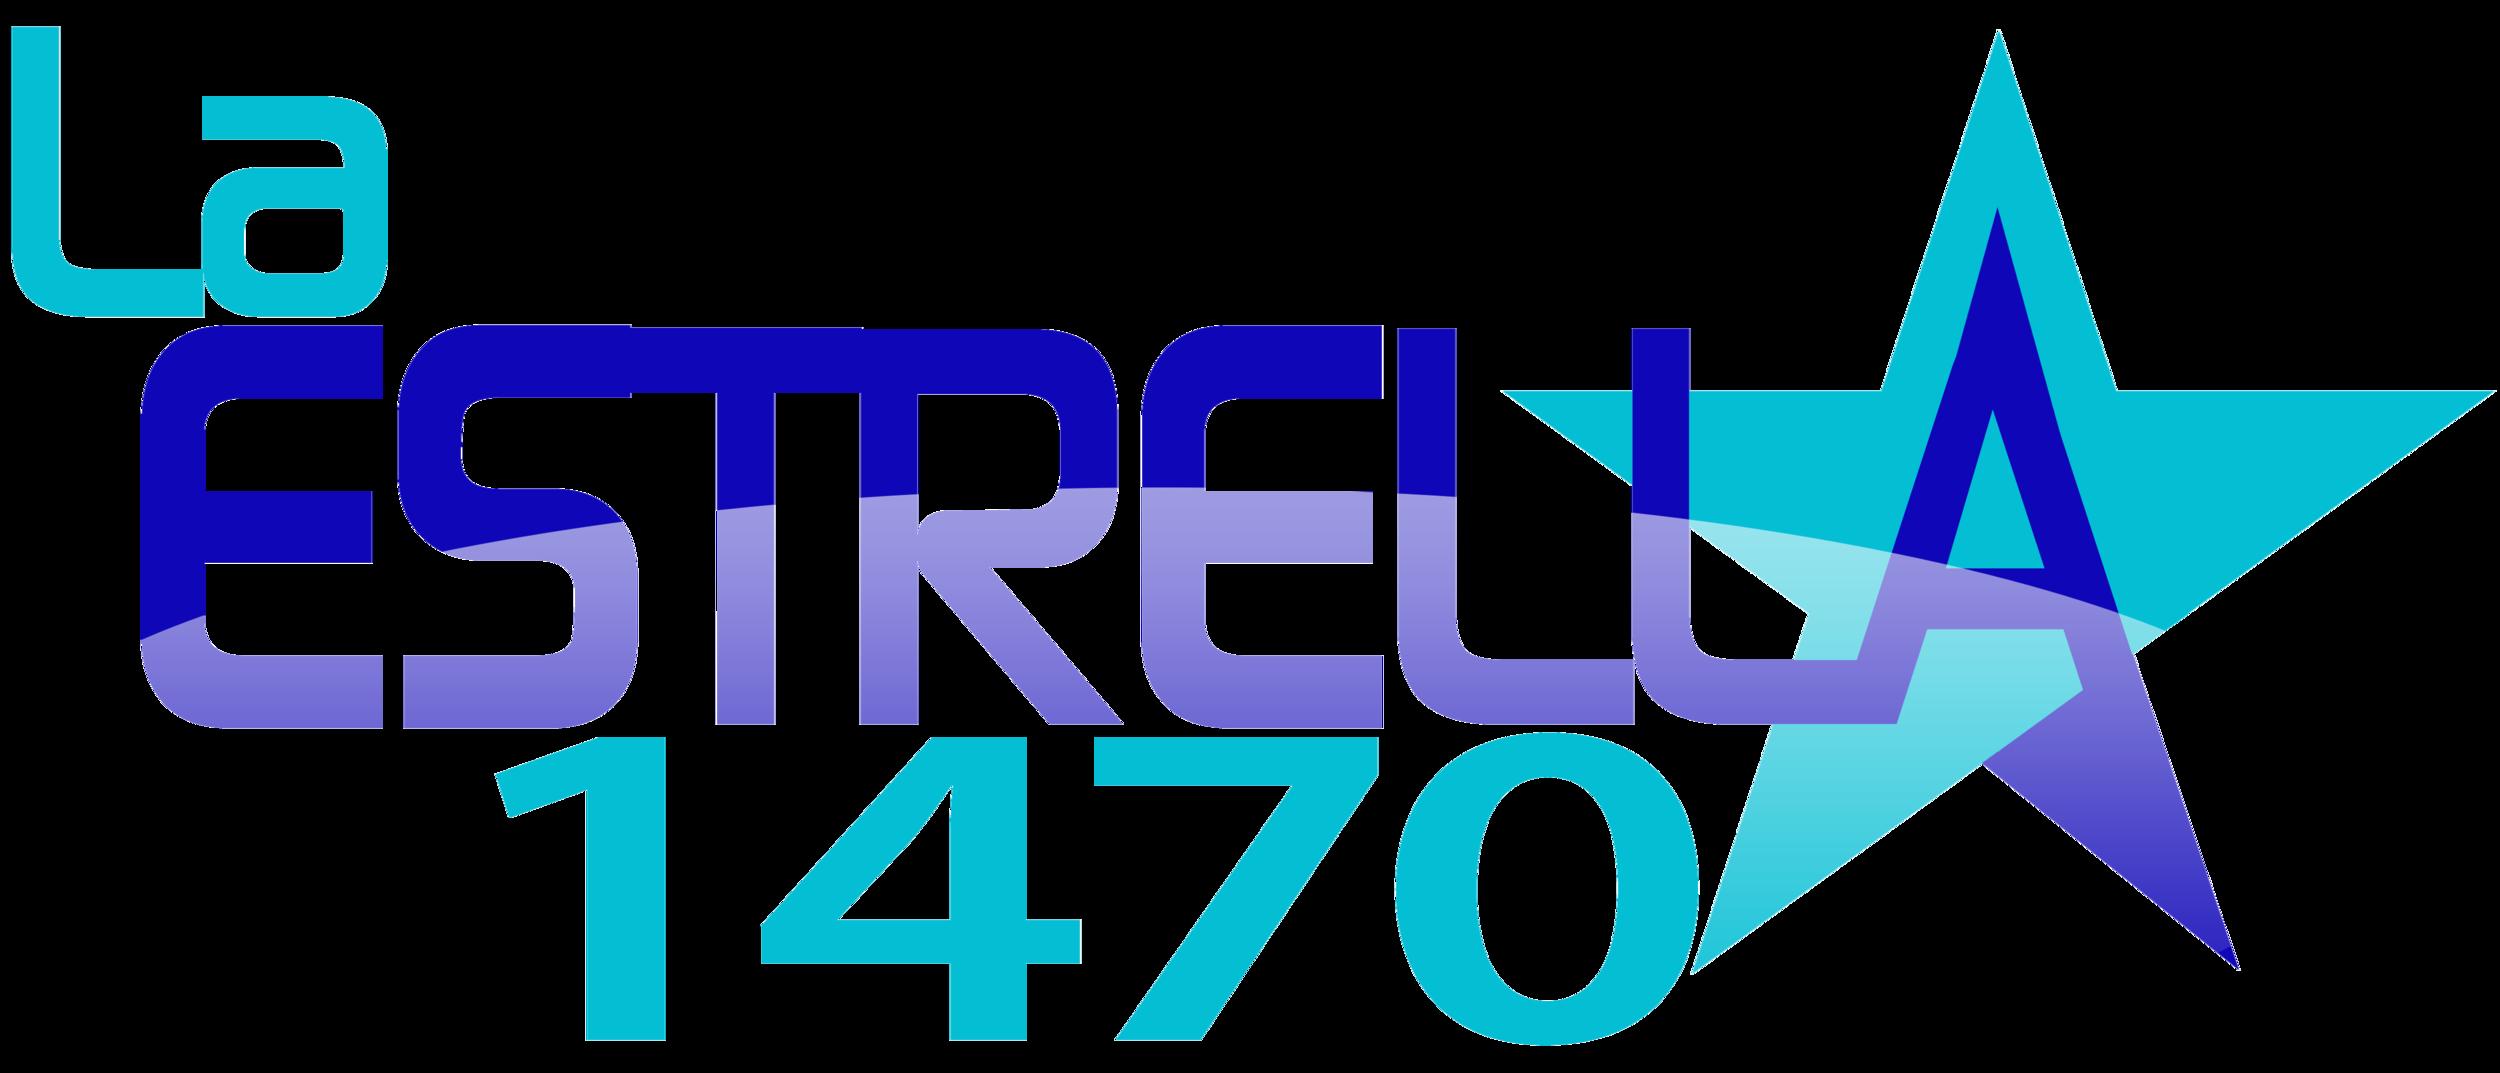 ESTRELLA-1470-FINAL.png